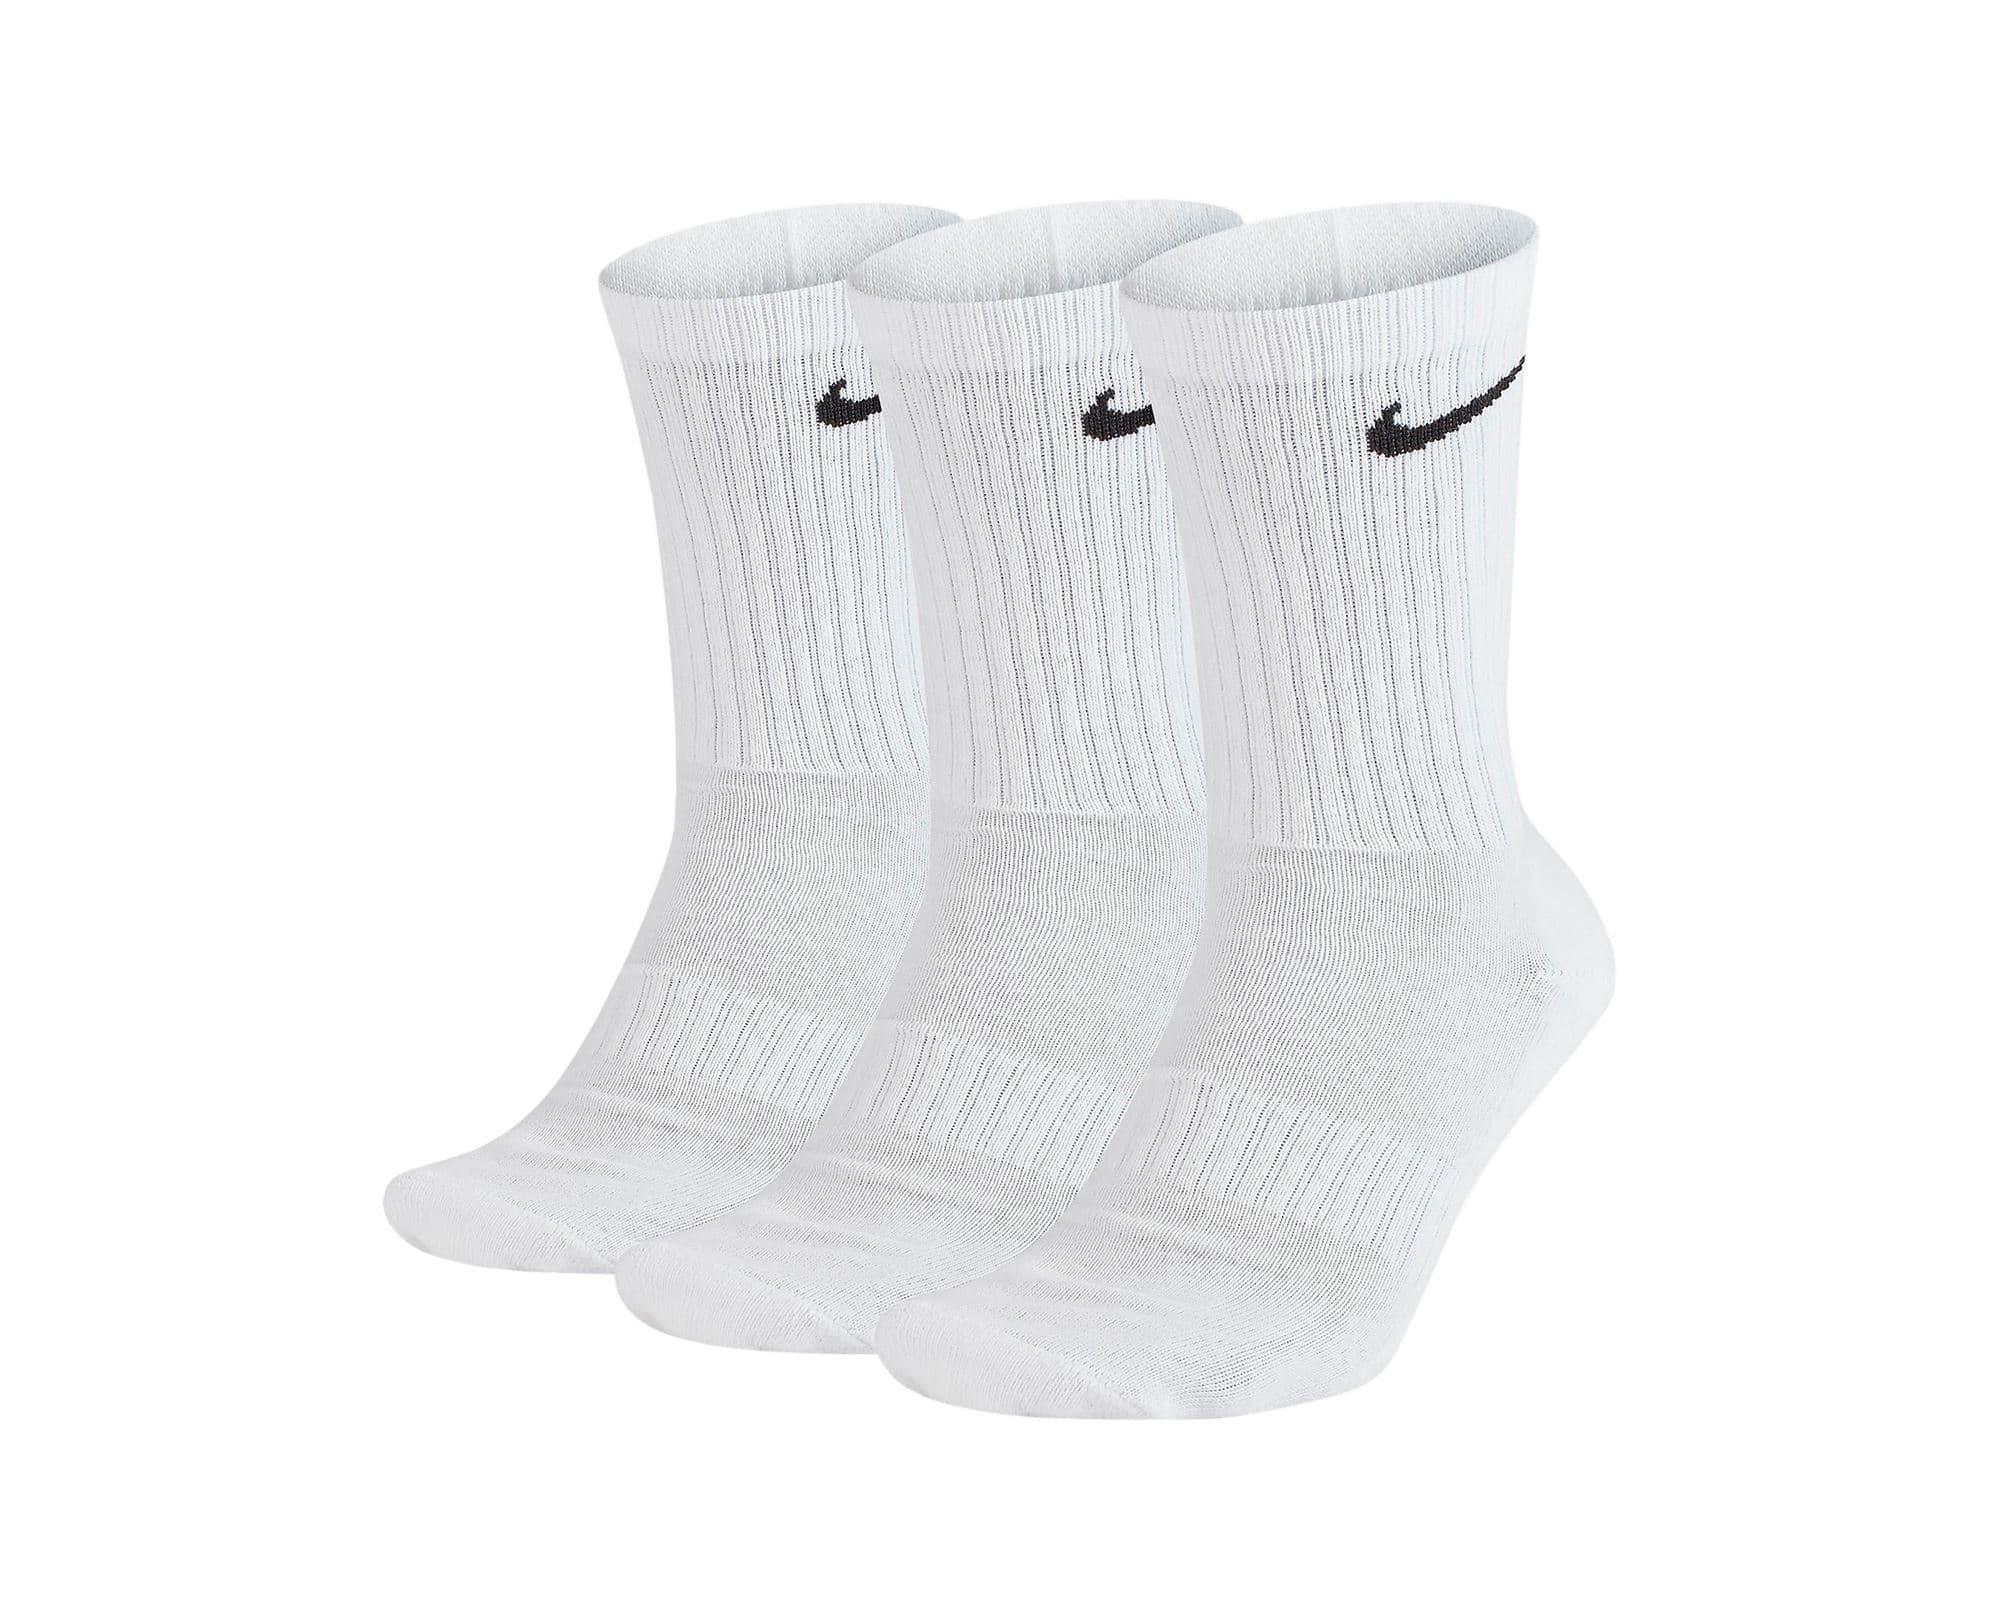 Everyday Cushioned Beyaz 3'lü Spor Çorap (SX7664-100)